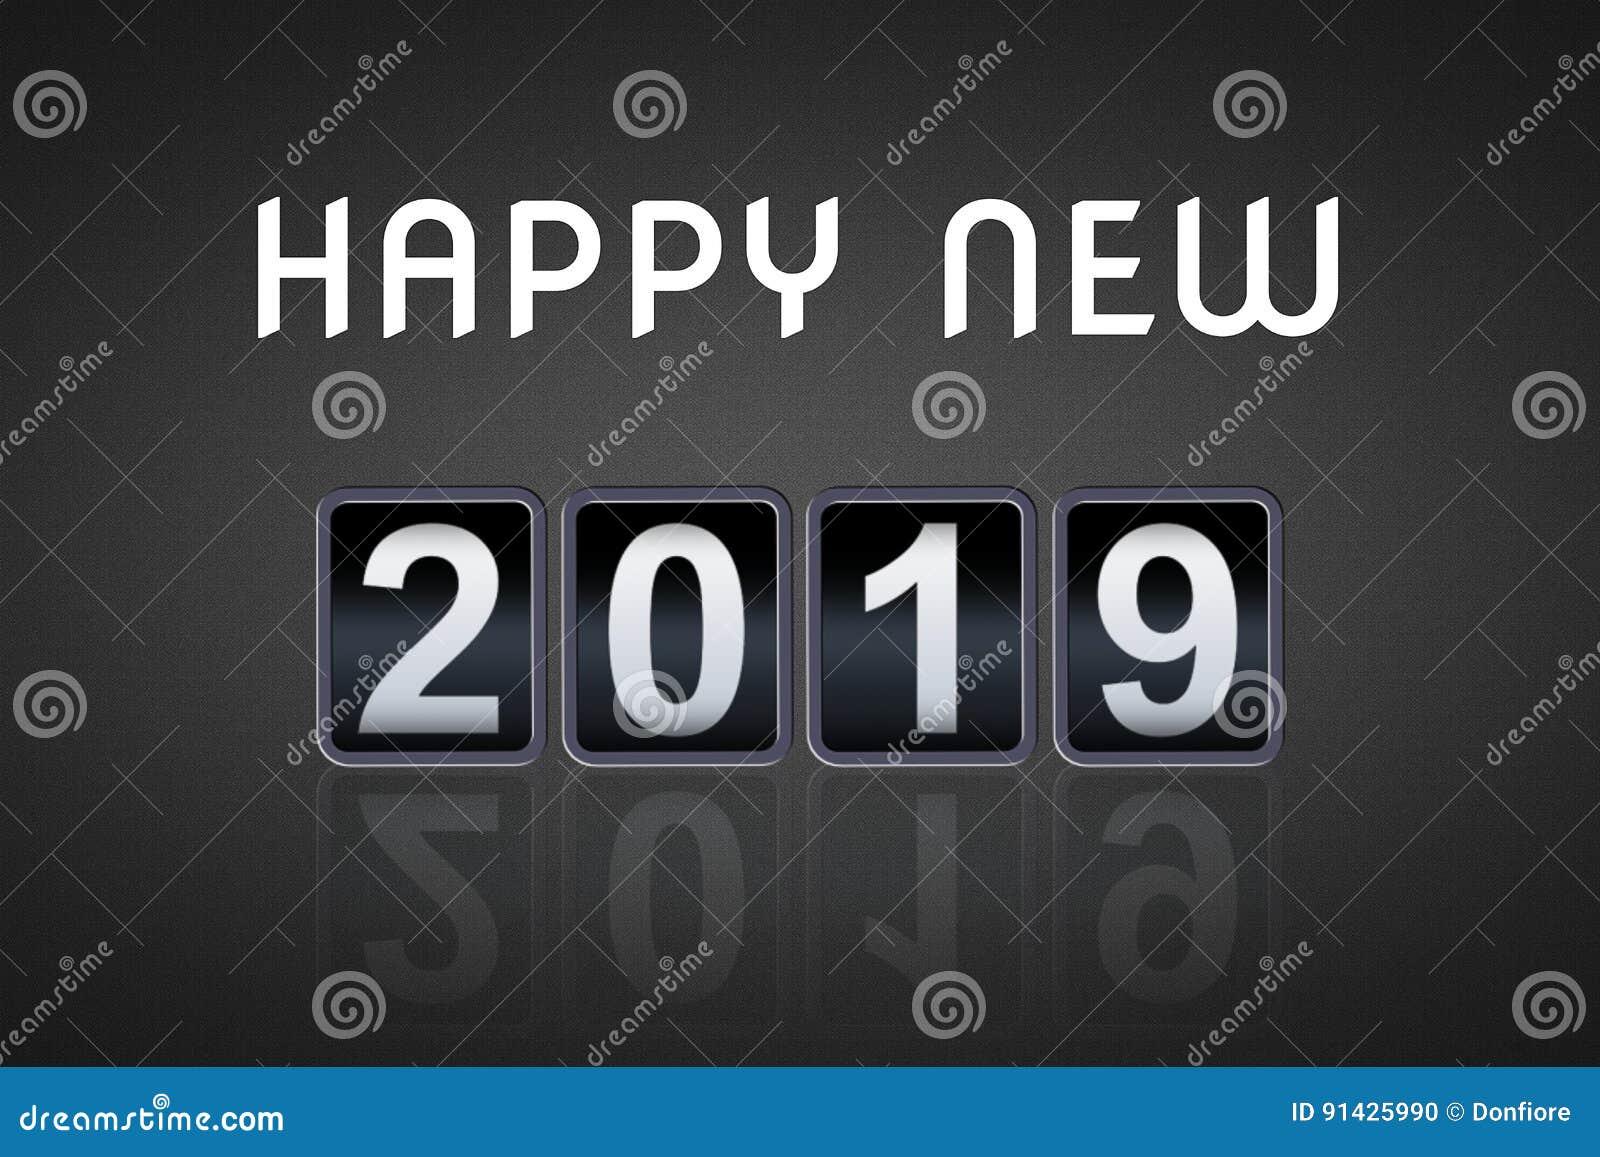 Temporizador contrário análogo da contagem regressiva do vintage do conceito do ano 2018 2019 novo feliz, contador retro do númer